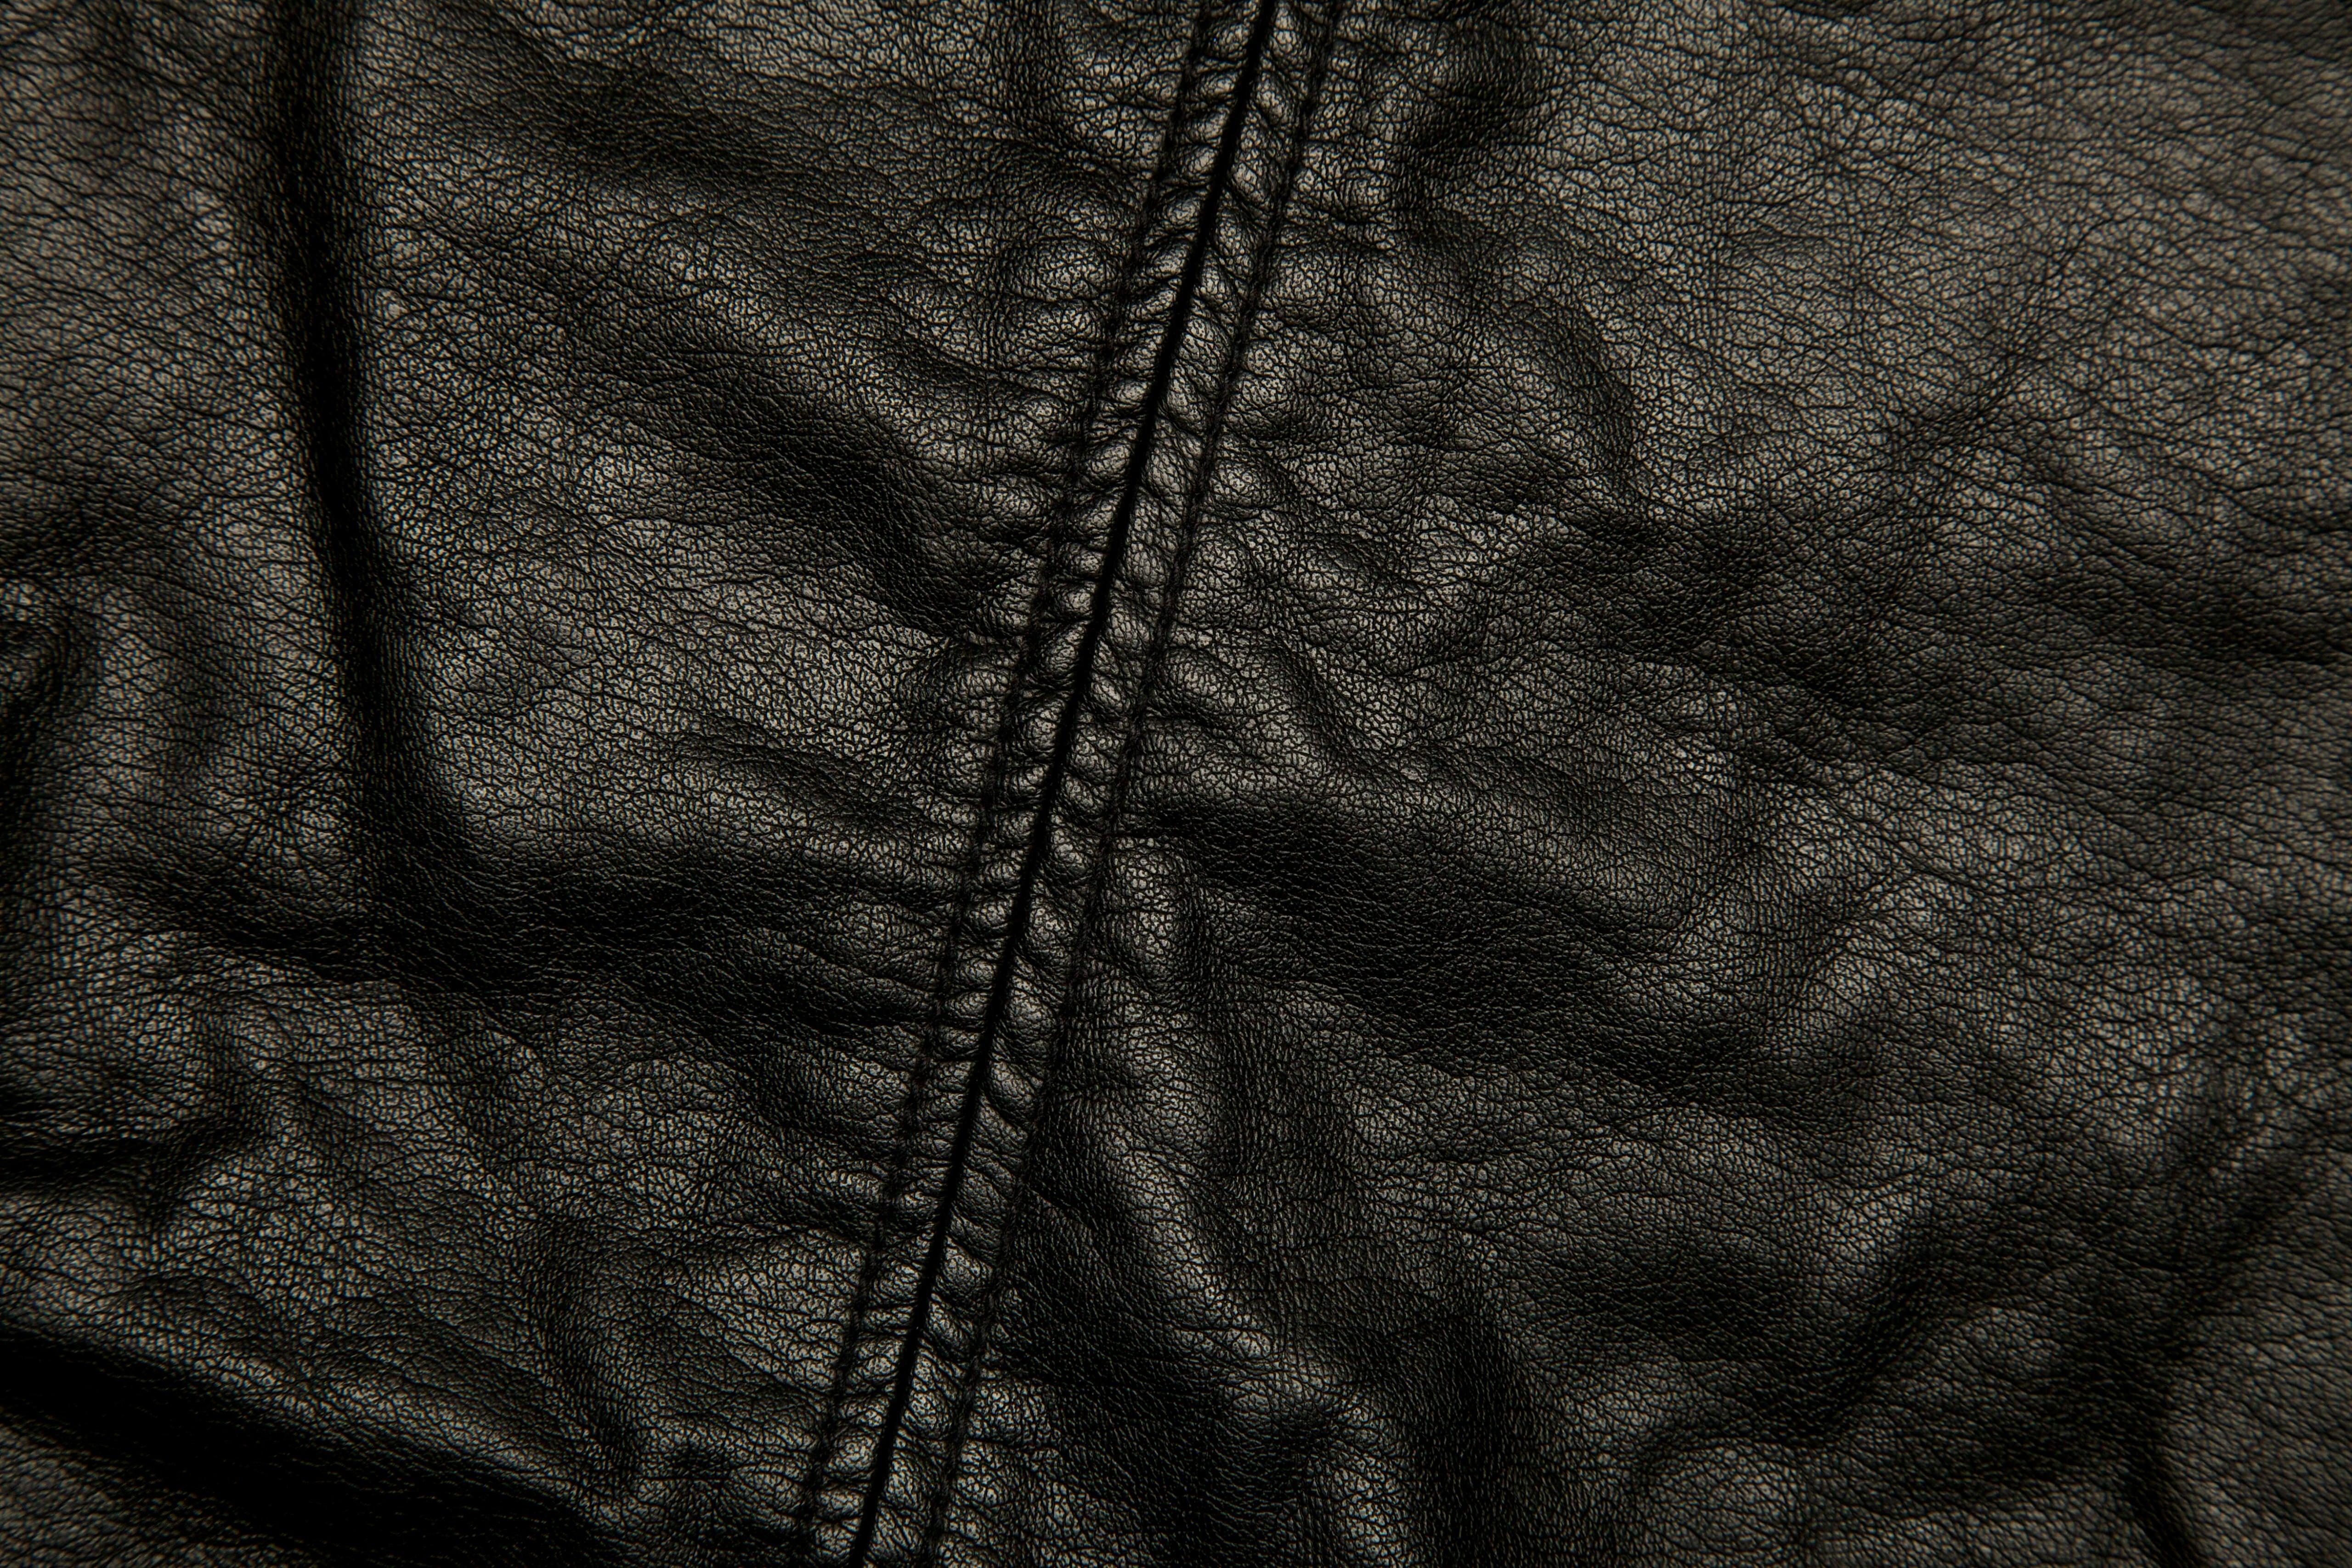 кожа выделка текстура  № 3914957 бесплатно